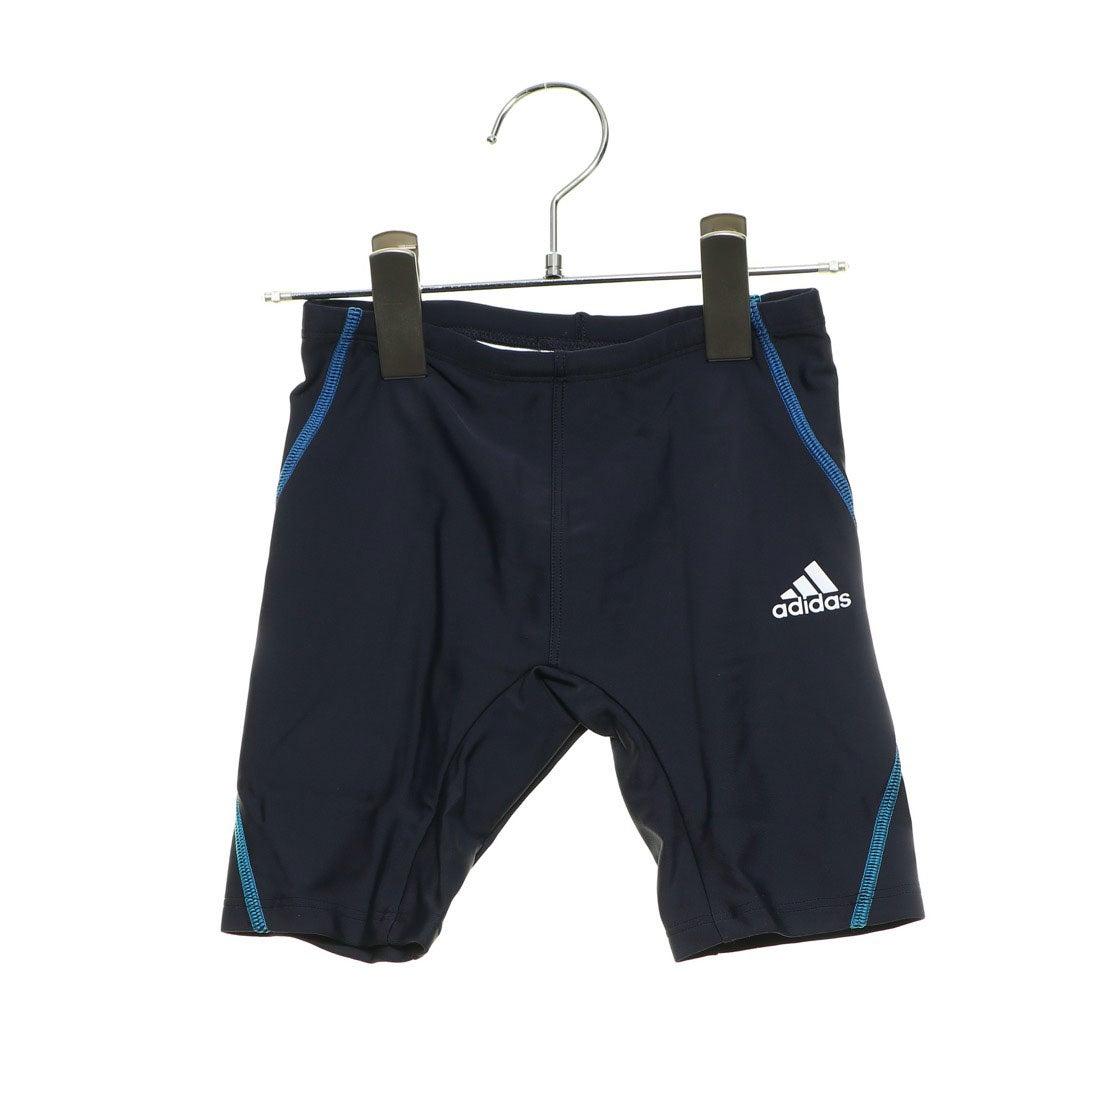 アディダス adidas 水泳 スクール水着 BOS JAM B 18CM FS7531 【返品不可商品】